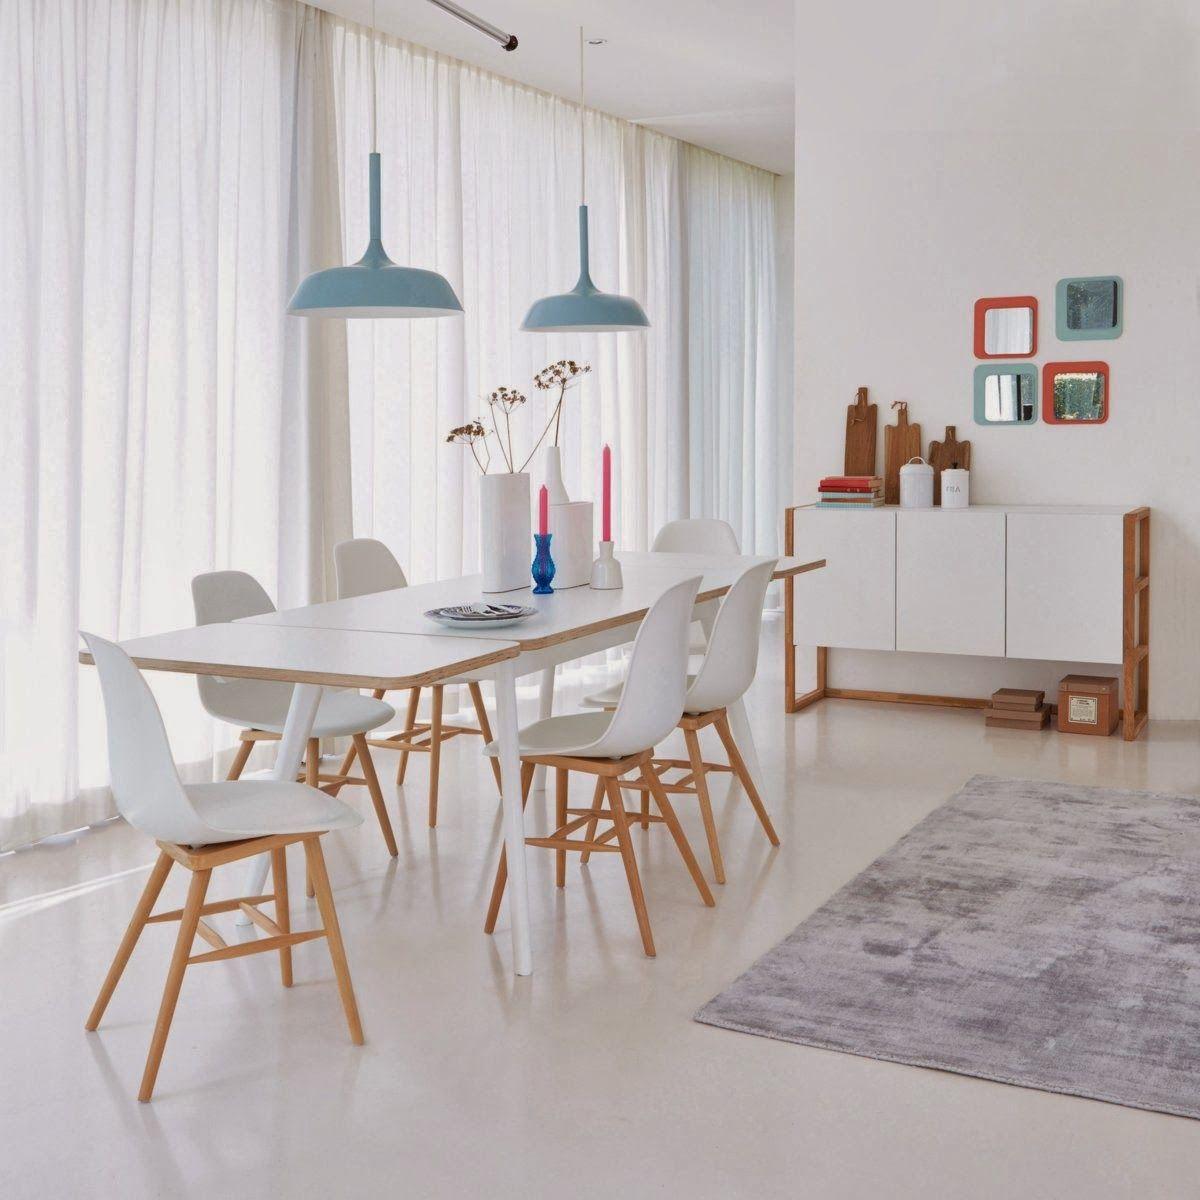 chaise coque plastique lot de jimi la redoute interieurs style scandinave un mariage de blanc et bois clair pour les chaises jimi associer aux autres - Salle A Manger Style Scandinave